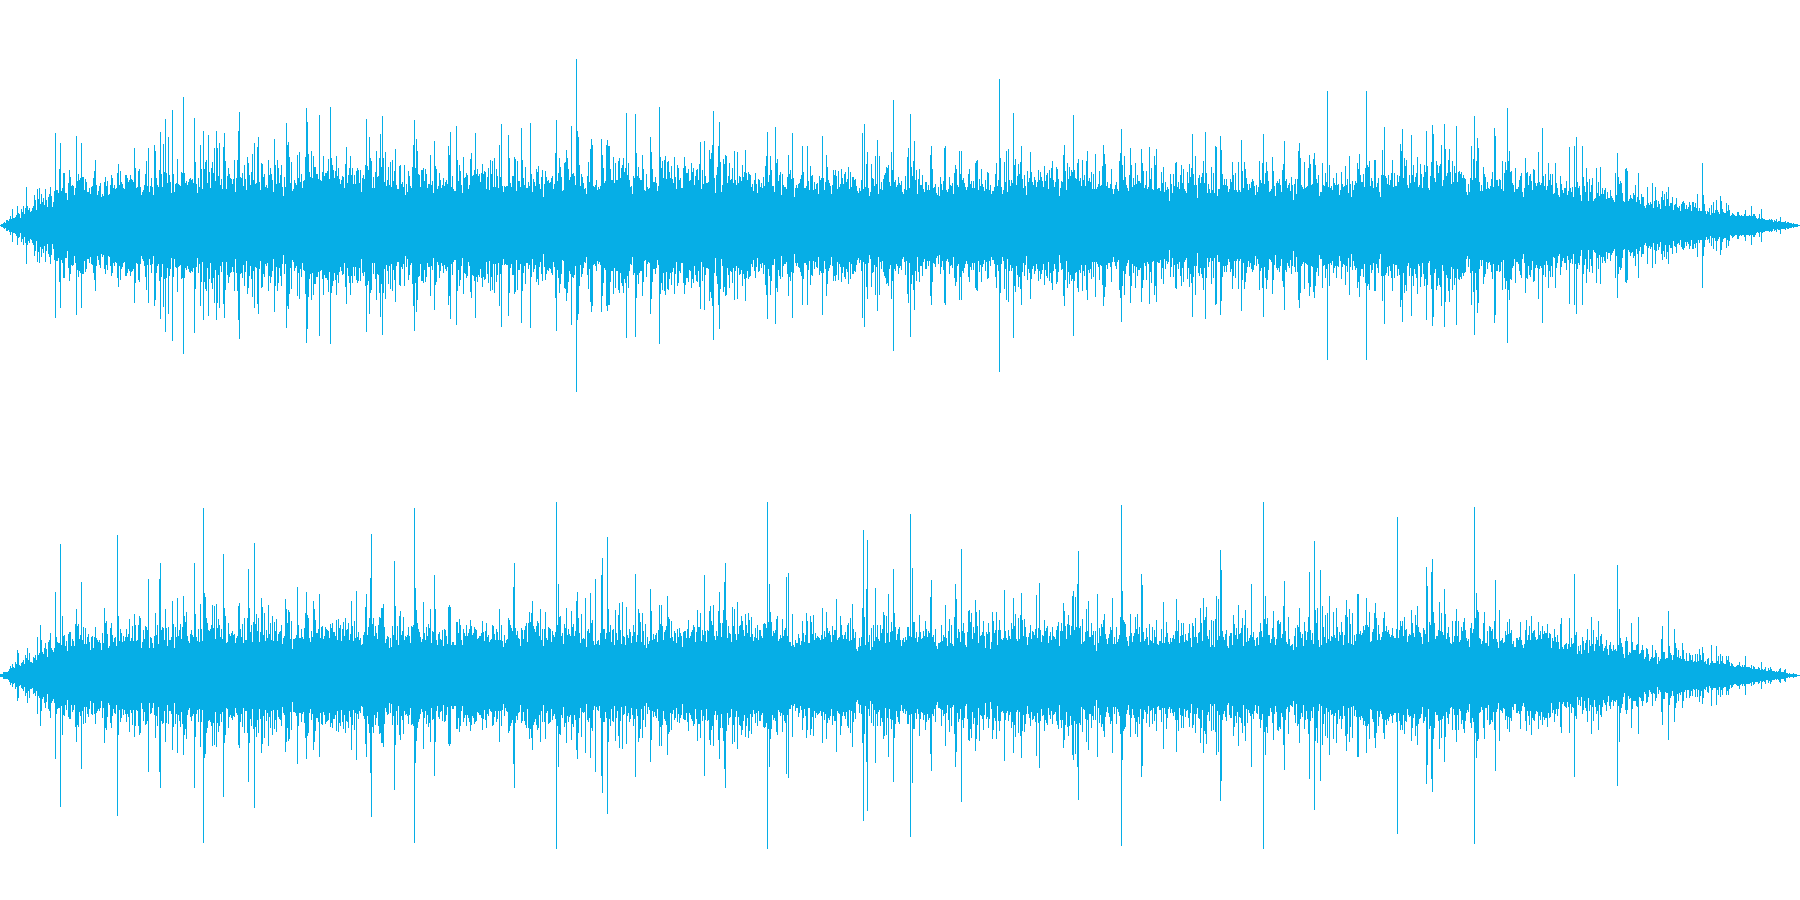 雨 雨音(家、屋根、窓などに当たる音)7の再生済みの波形